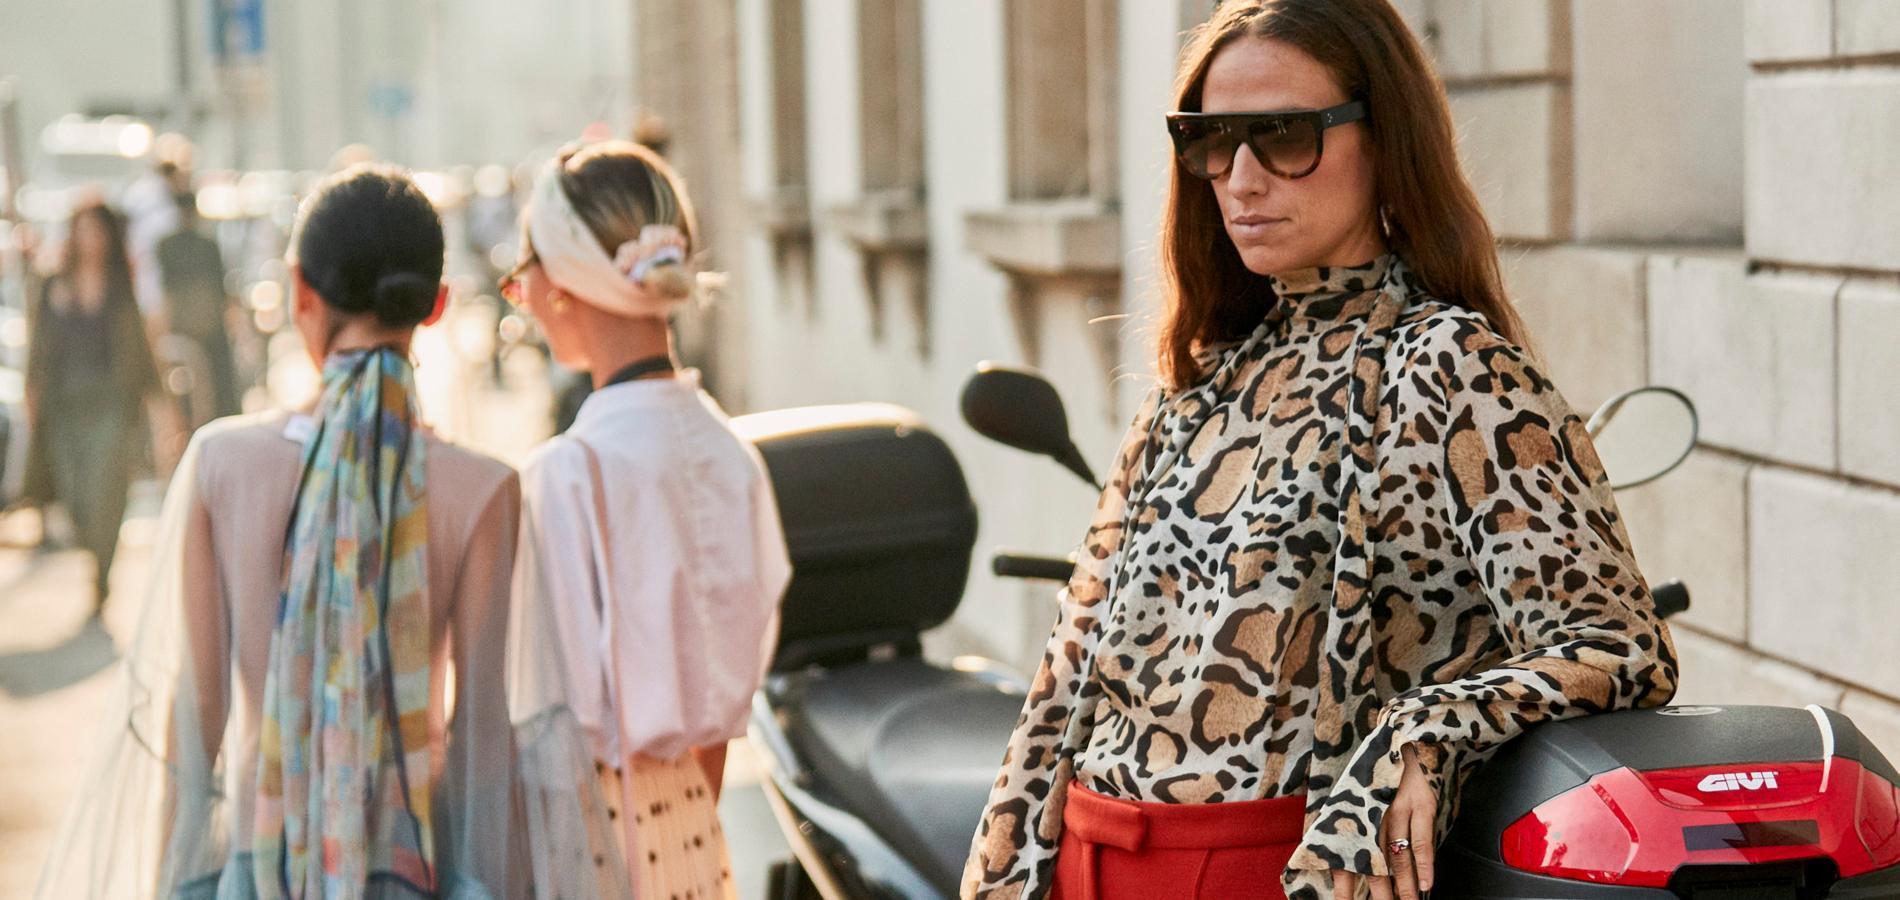 e7dae49e447 Comment porter l imprimé léopard sans danger   - Madame Figaro